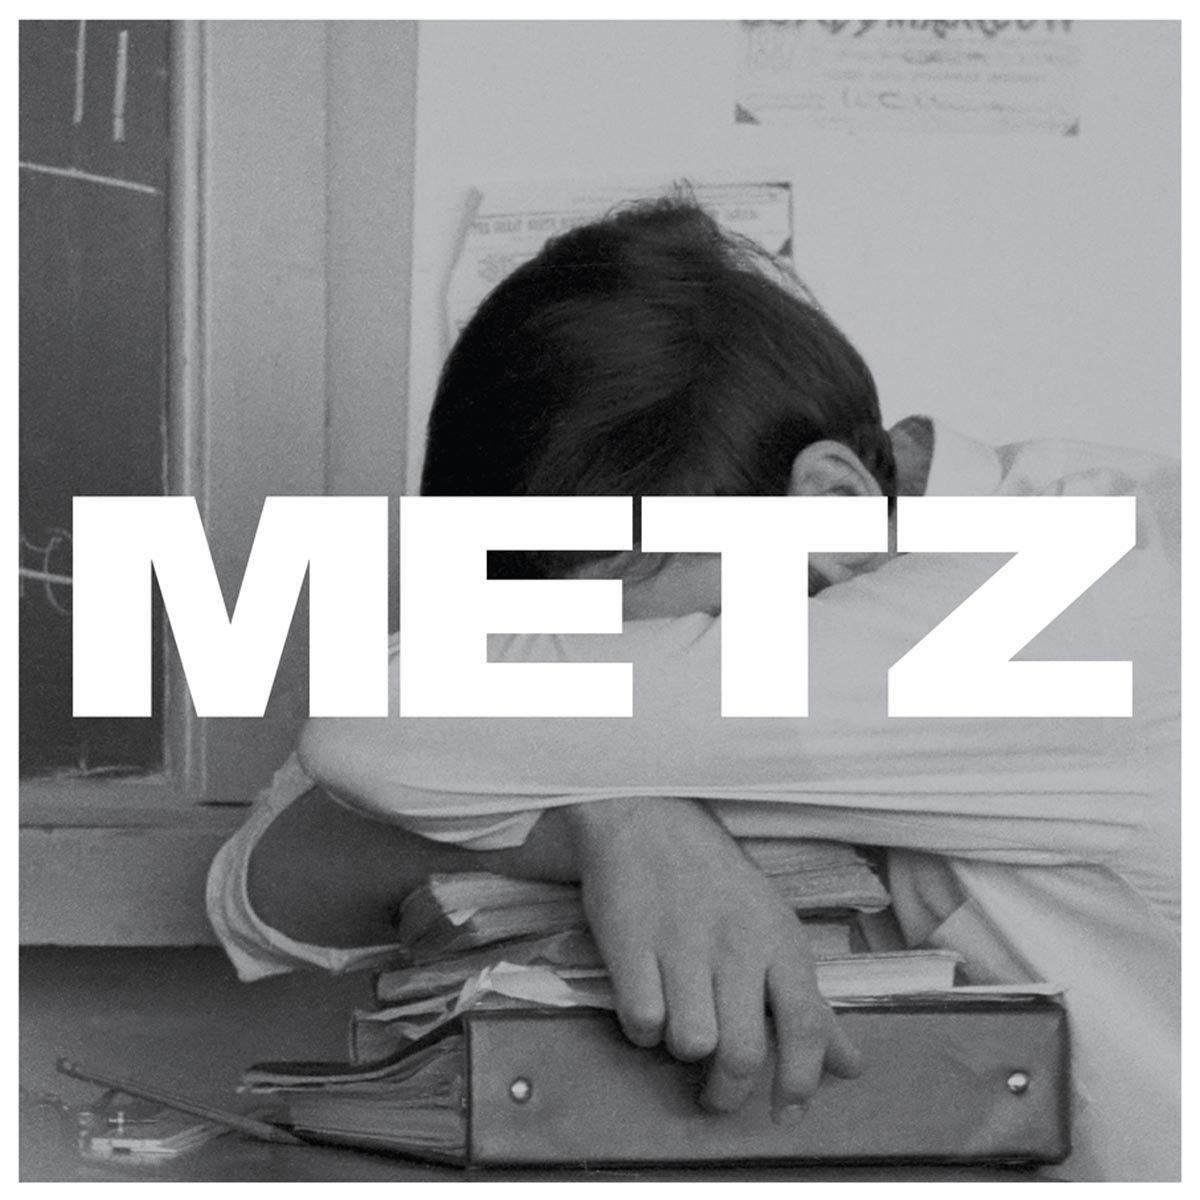 Cassette : METZ - Metz (Cassette)